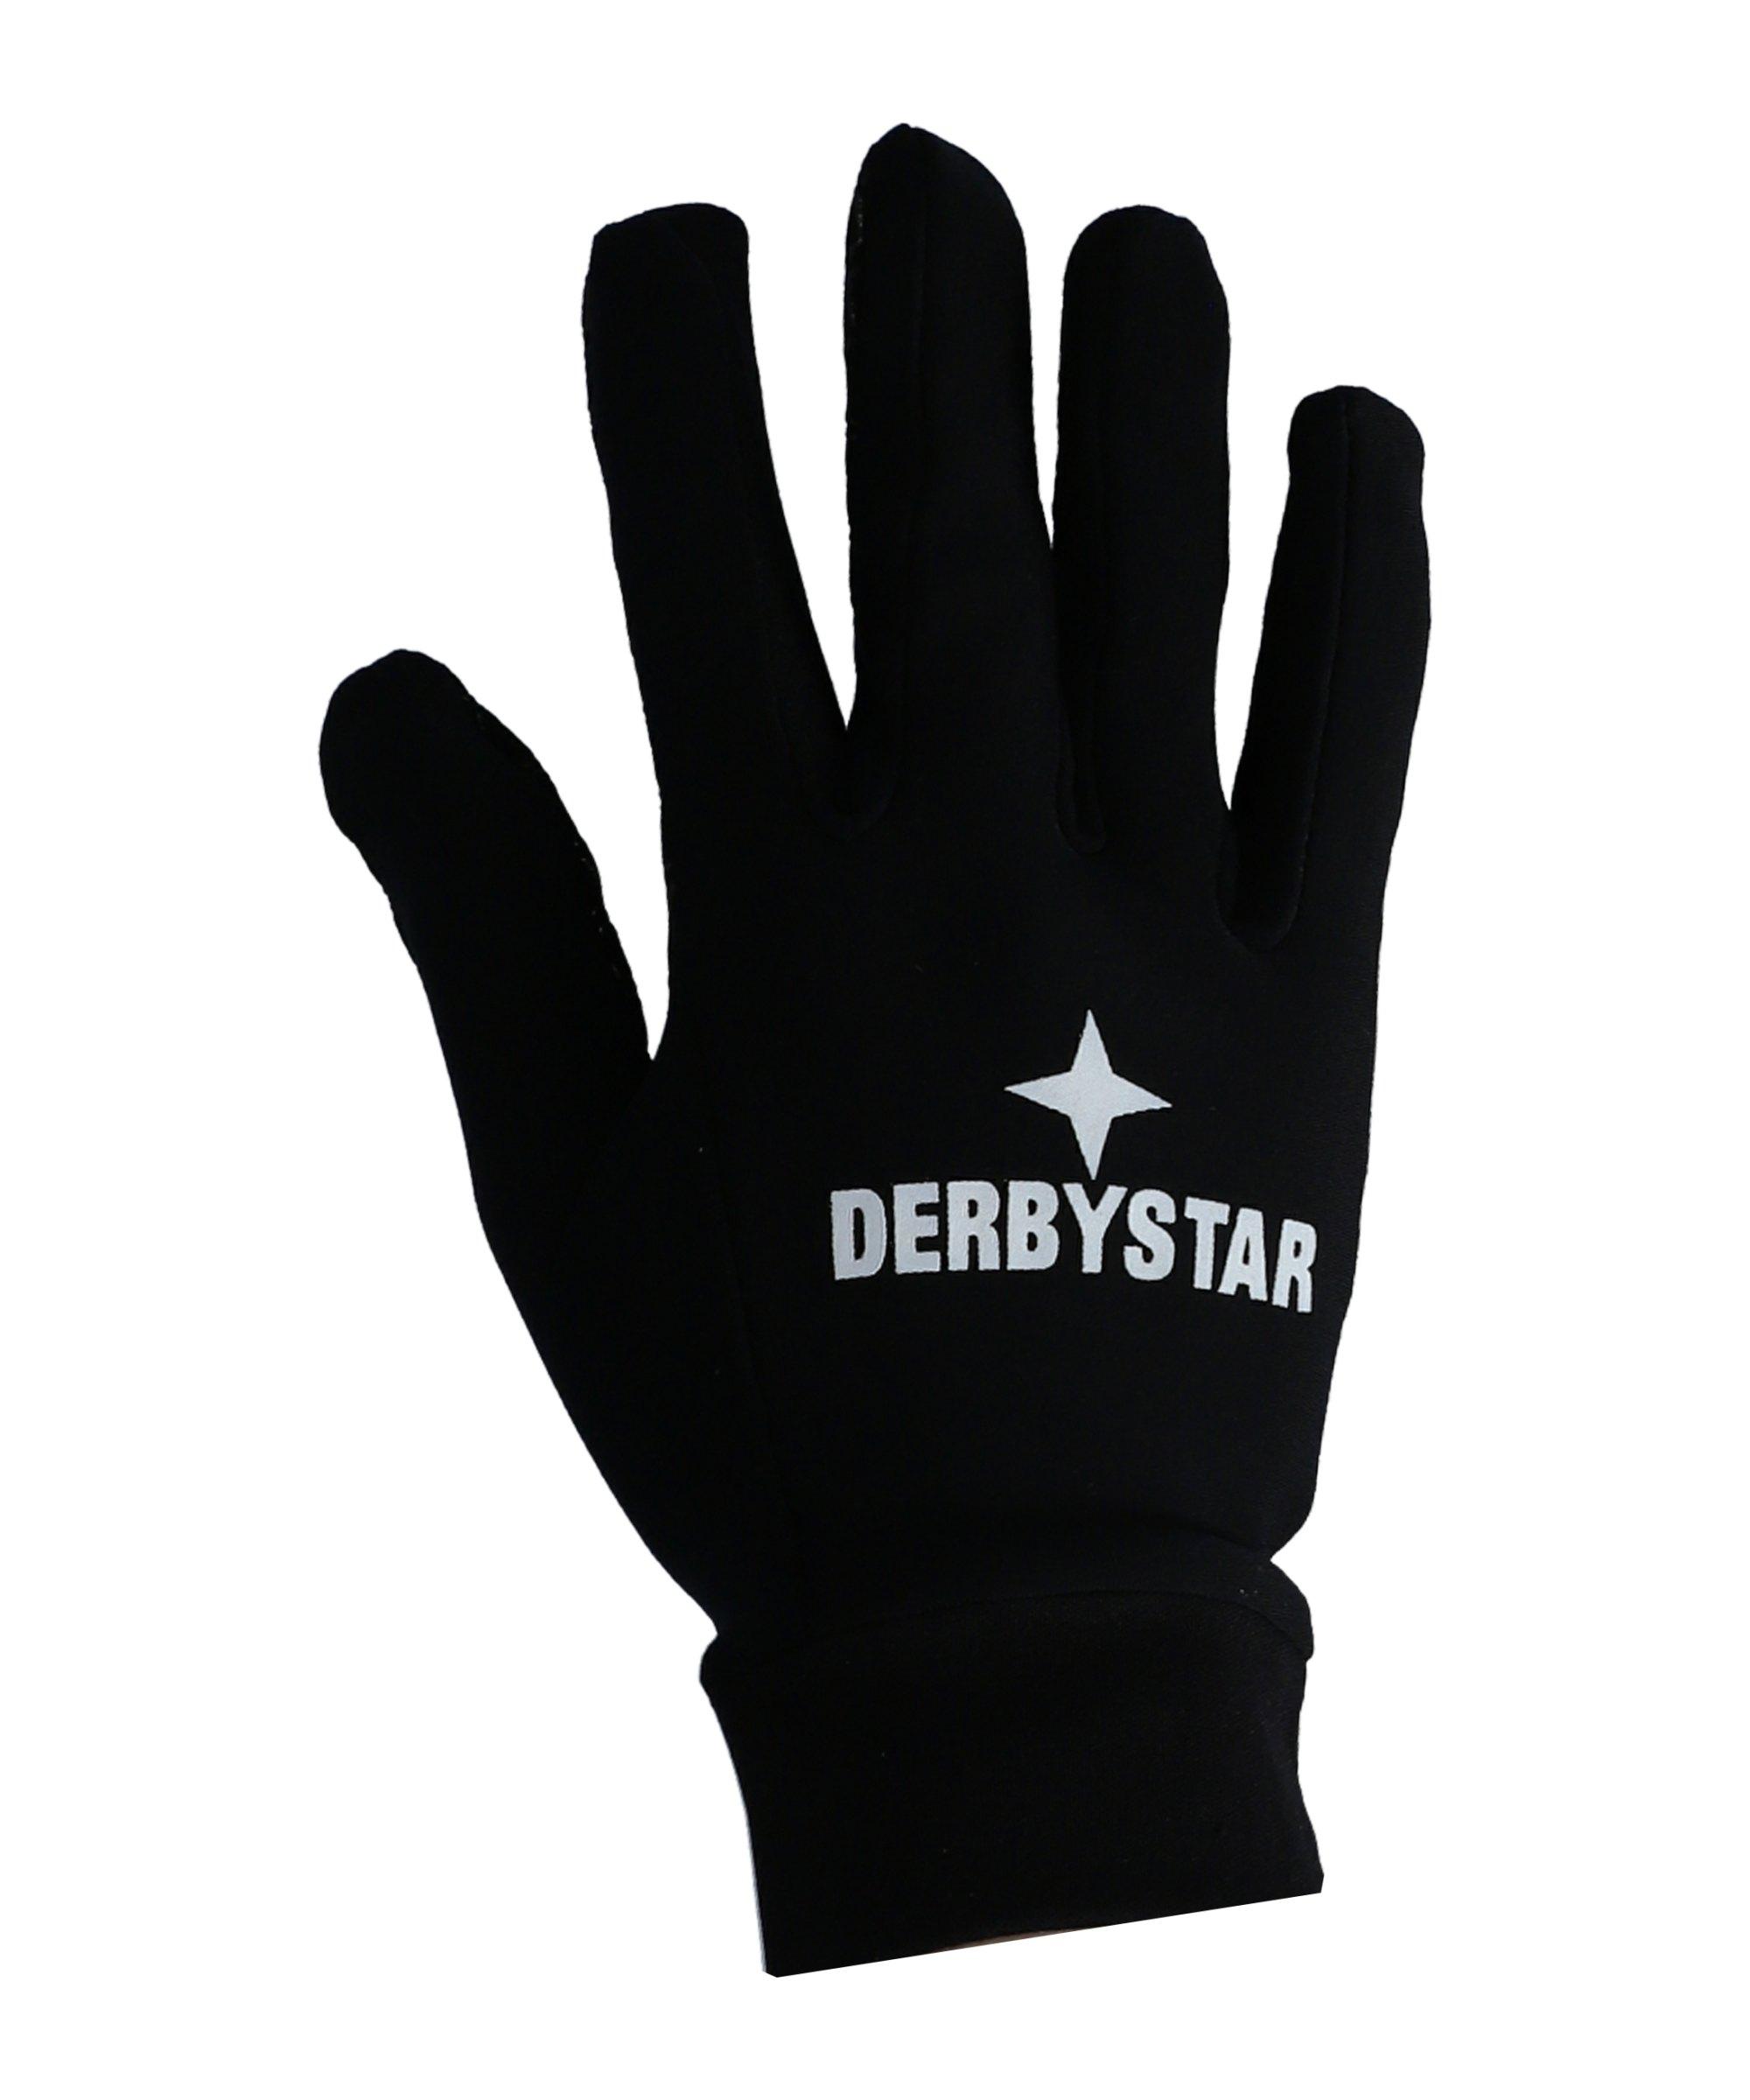 Derbystar Spielerhandschuhe v20 Schwarz F200 - schwarz